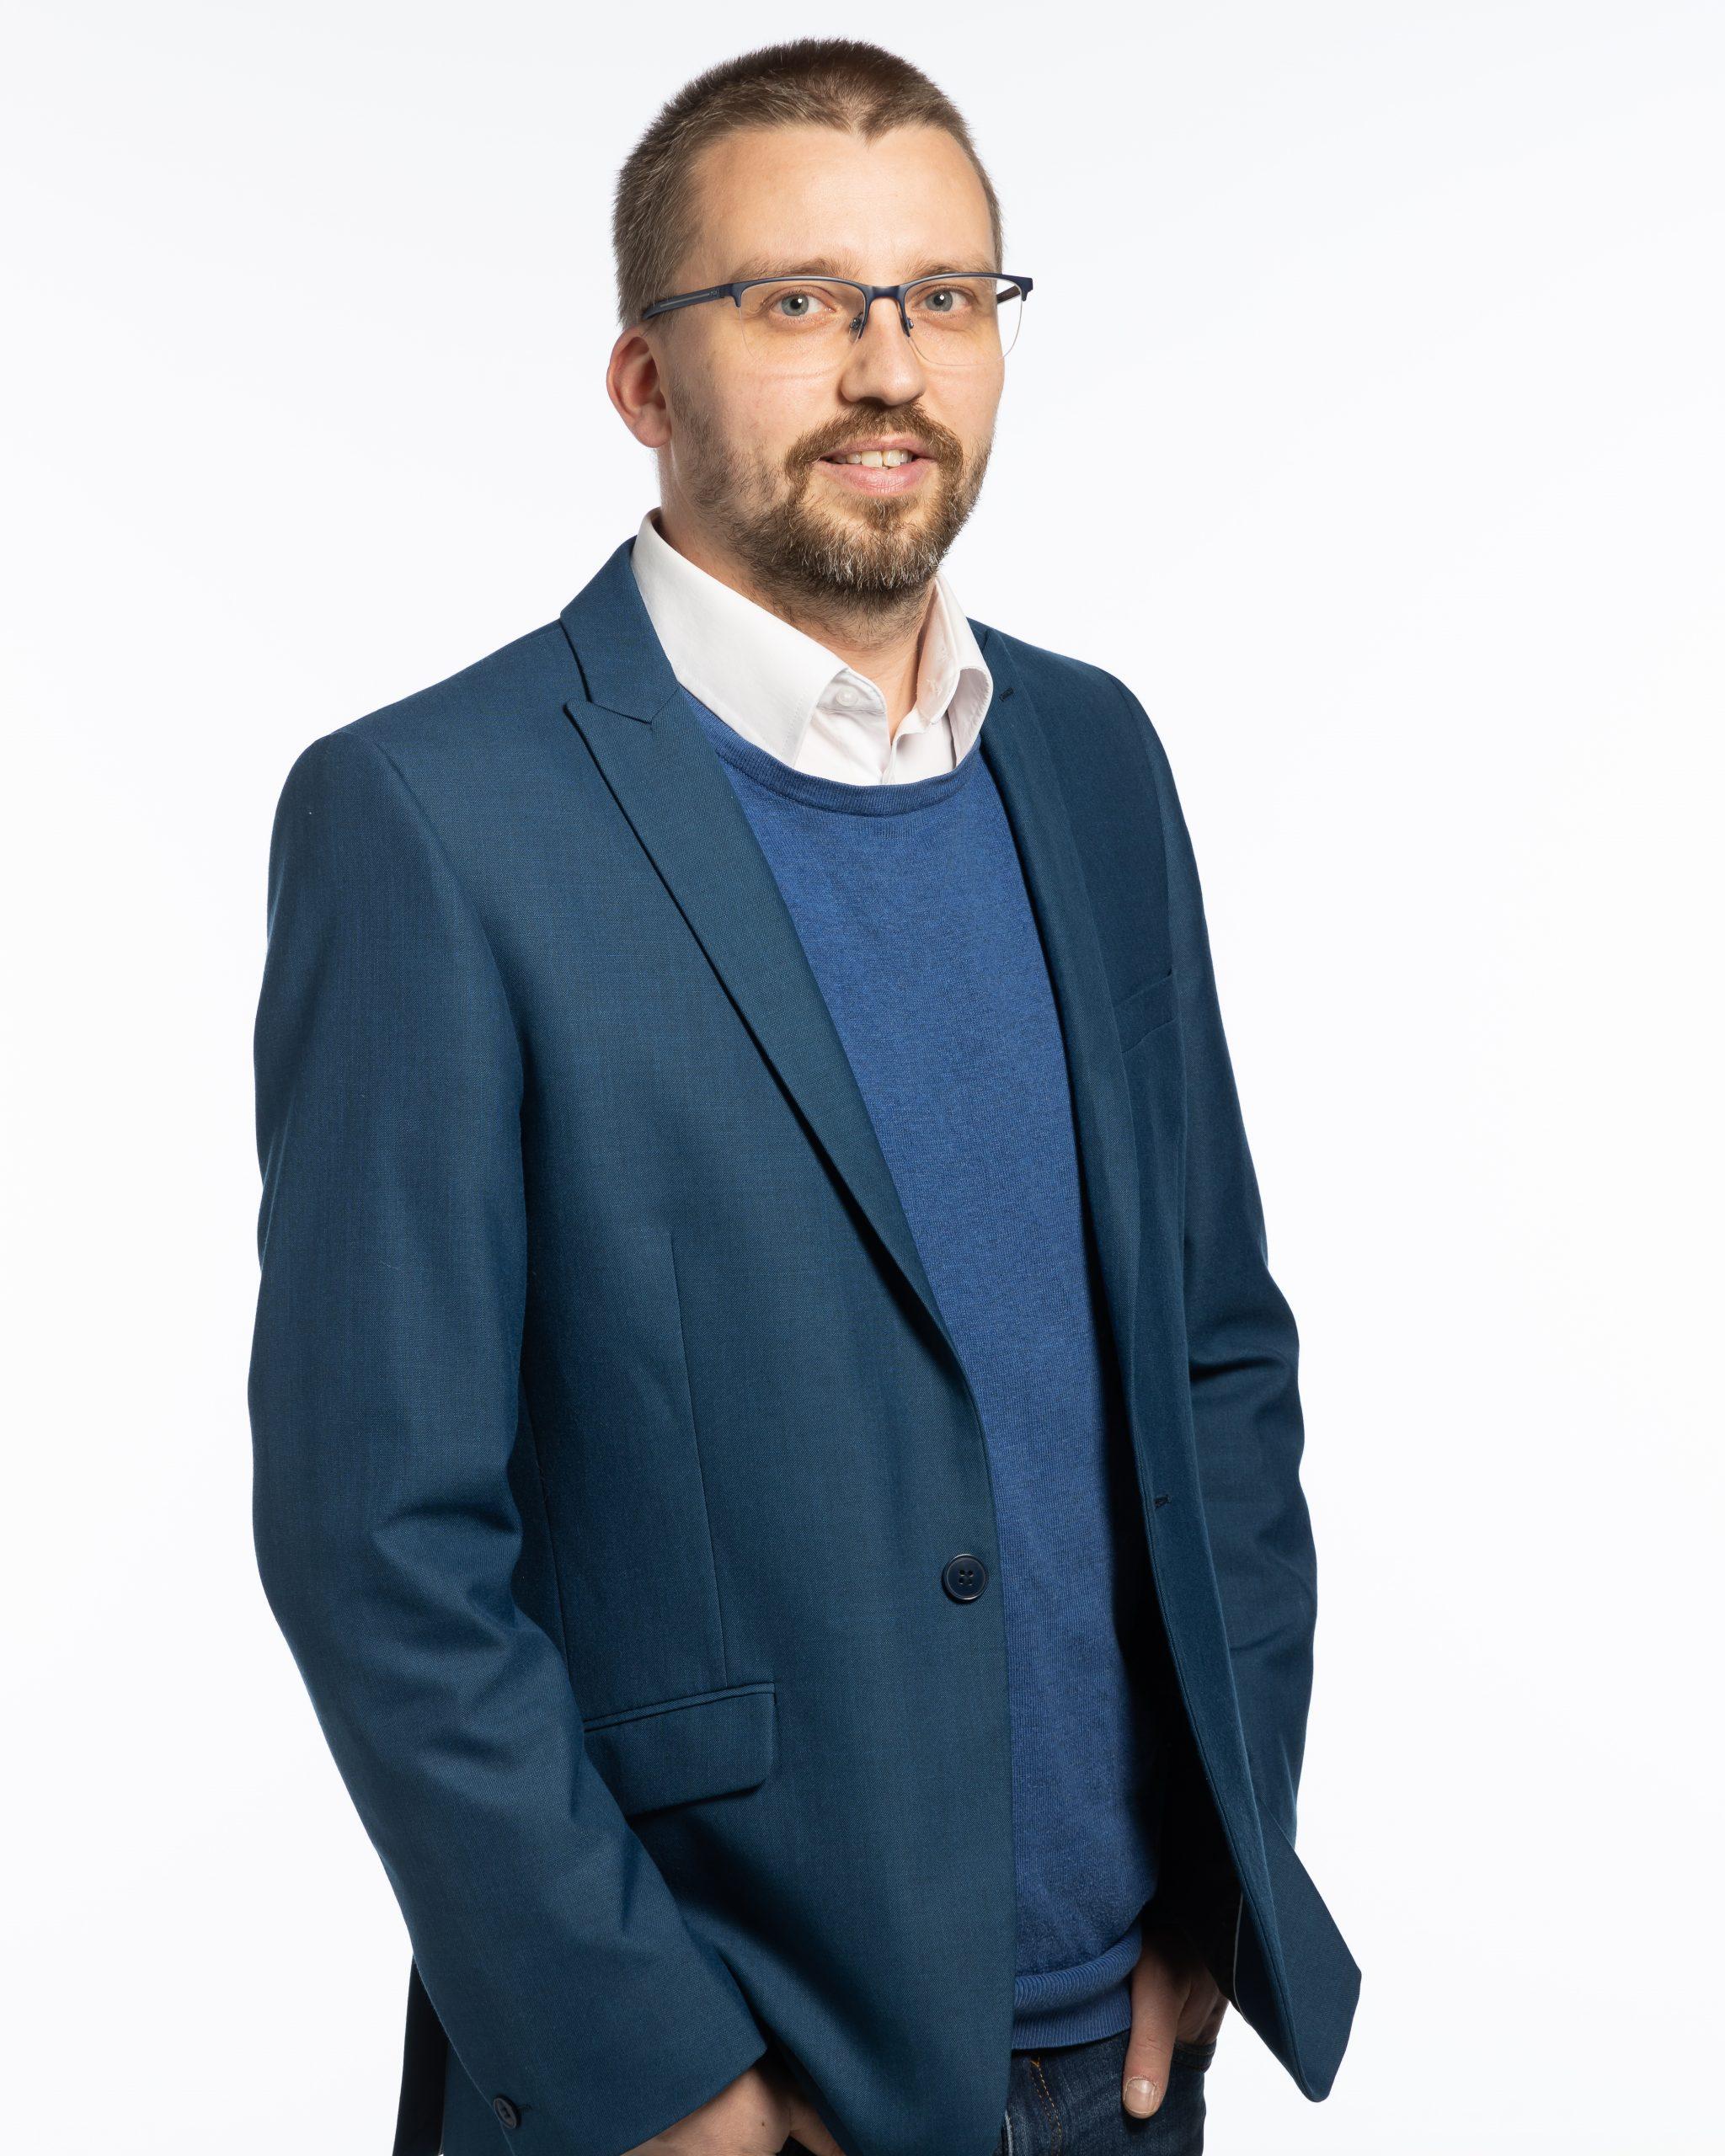 Ville Pääkkönen